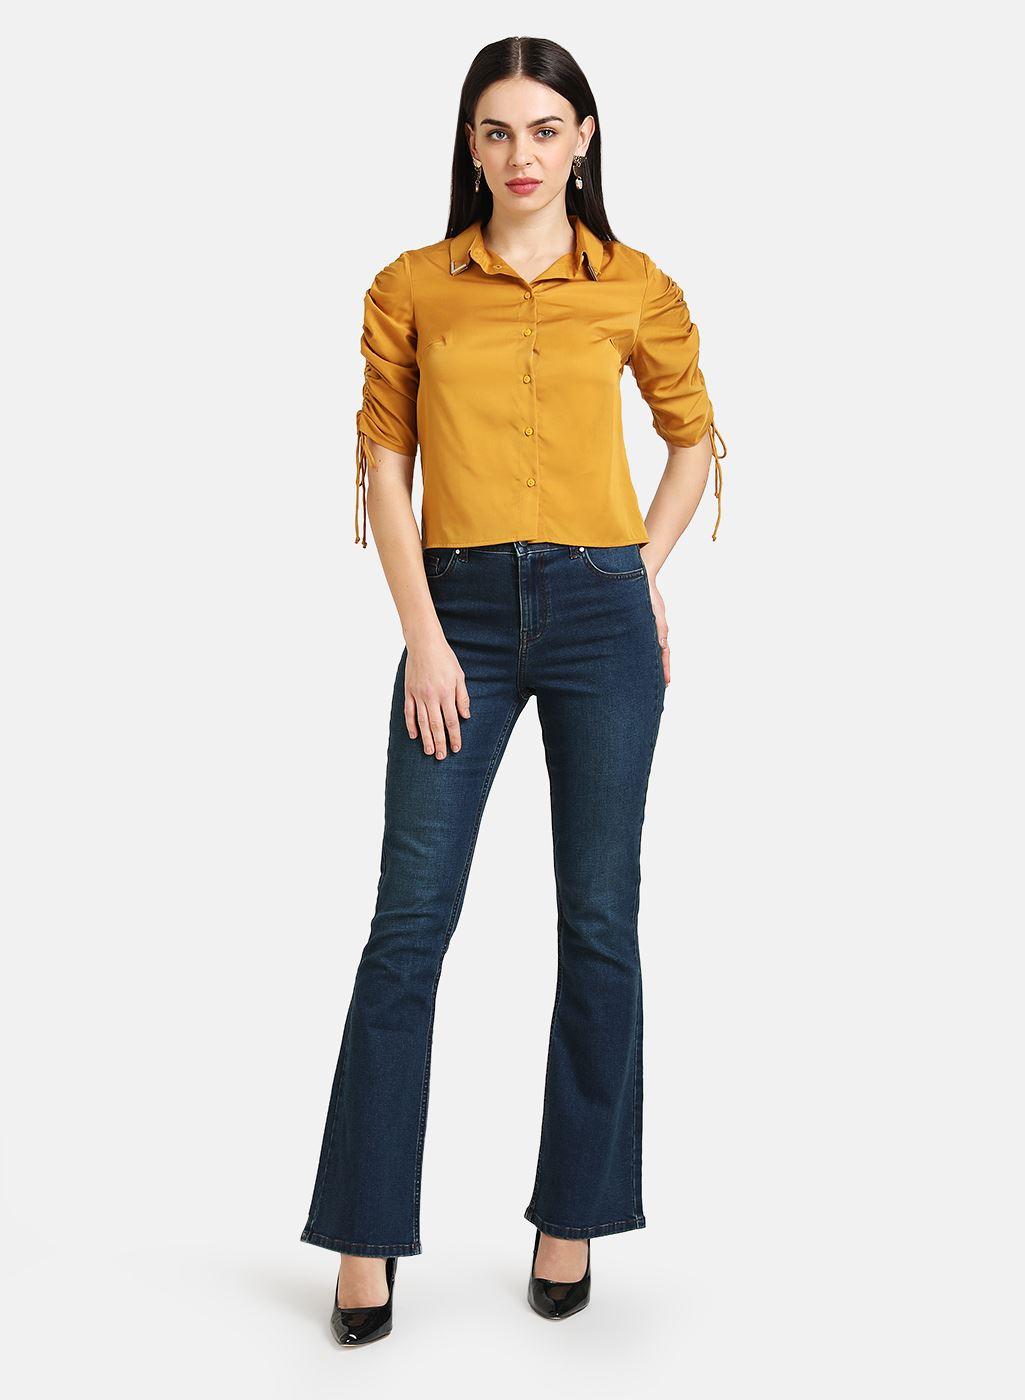 Kazo Women Casual Wear Yellow Casual Shirt